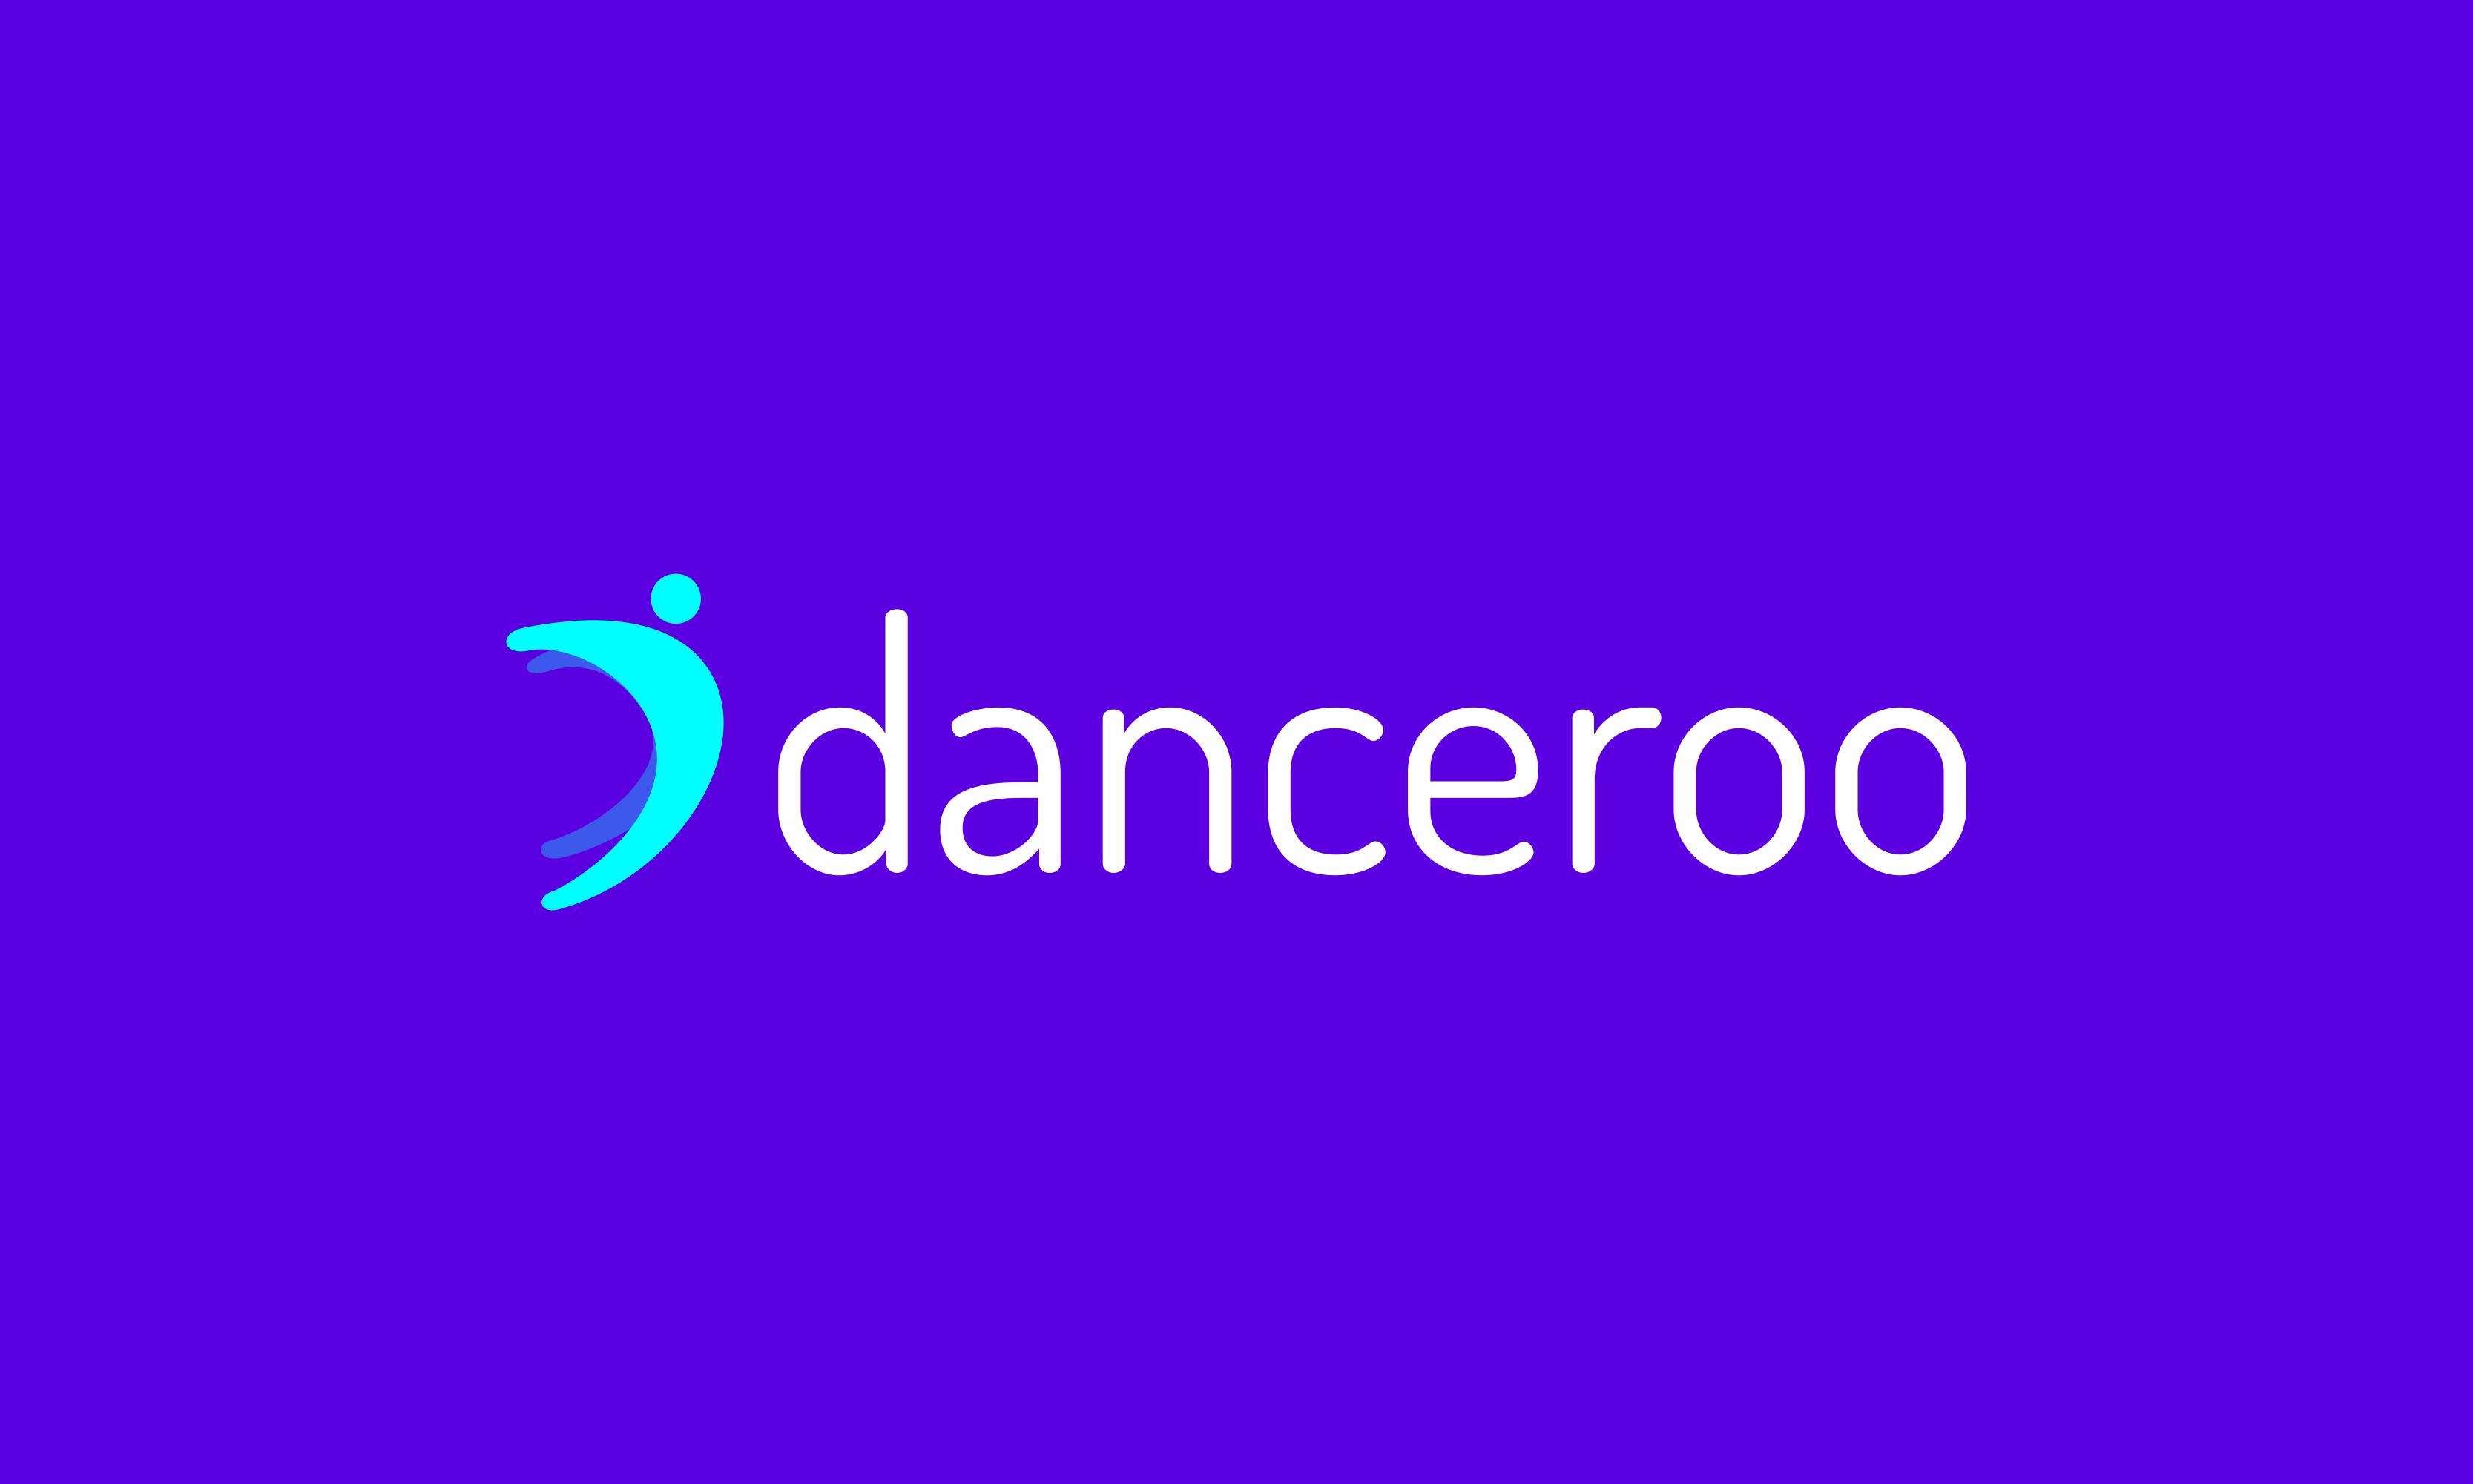 Danceroo